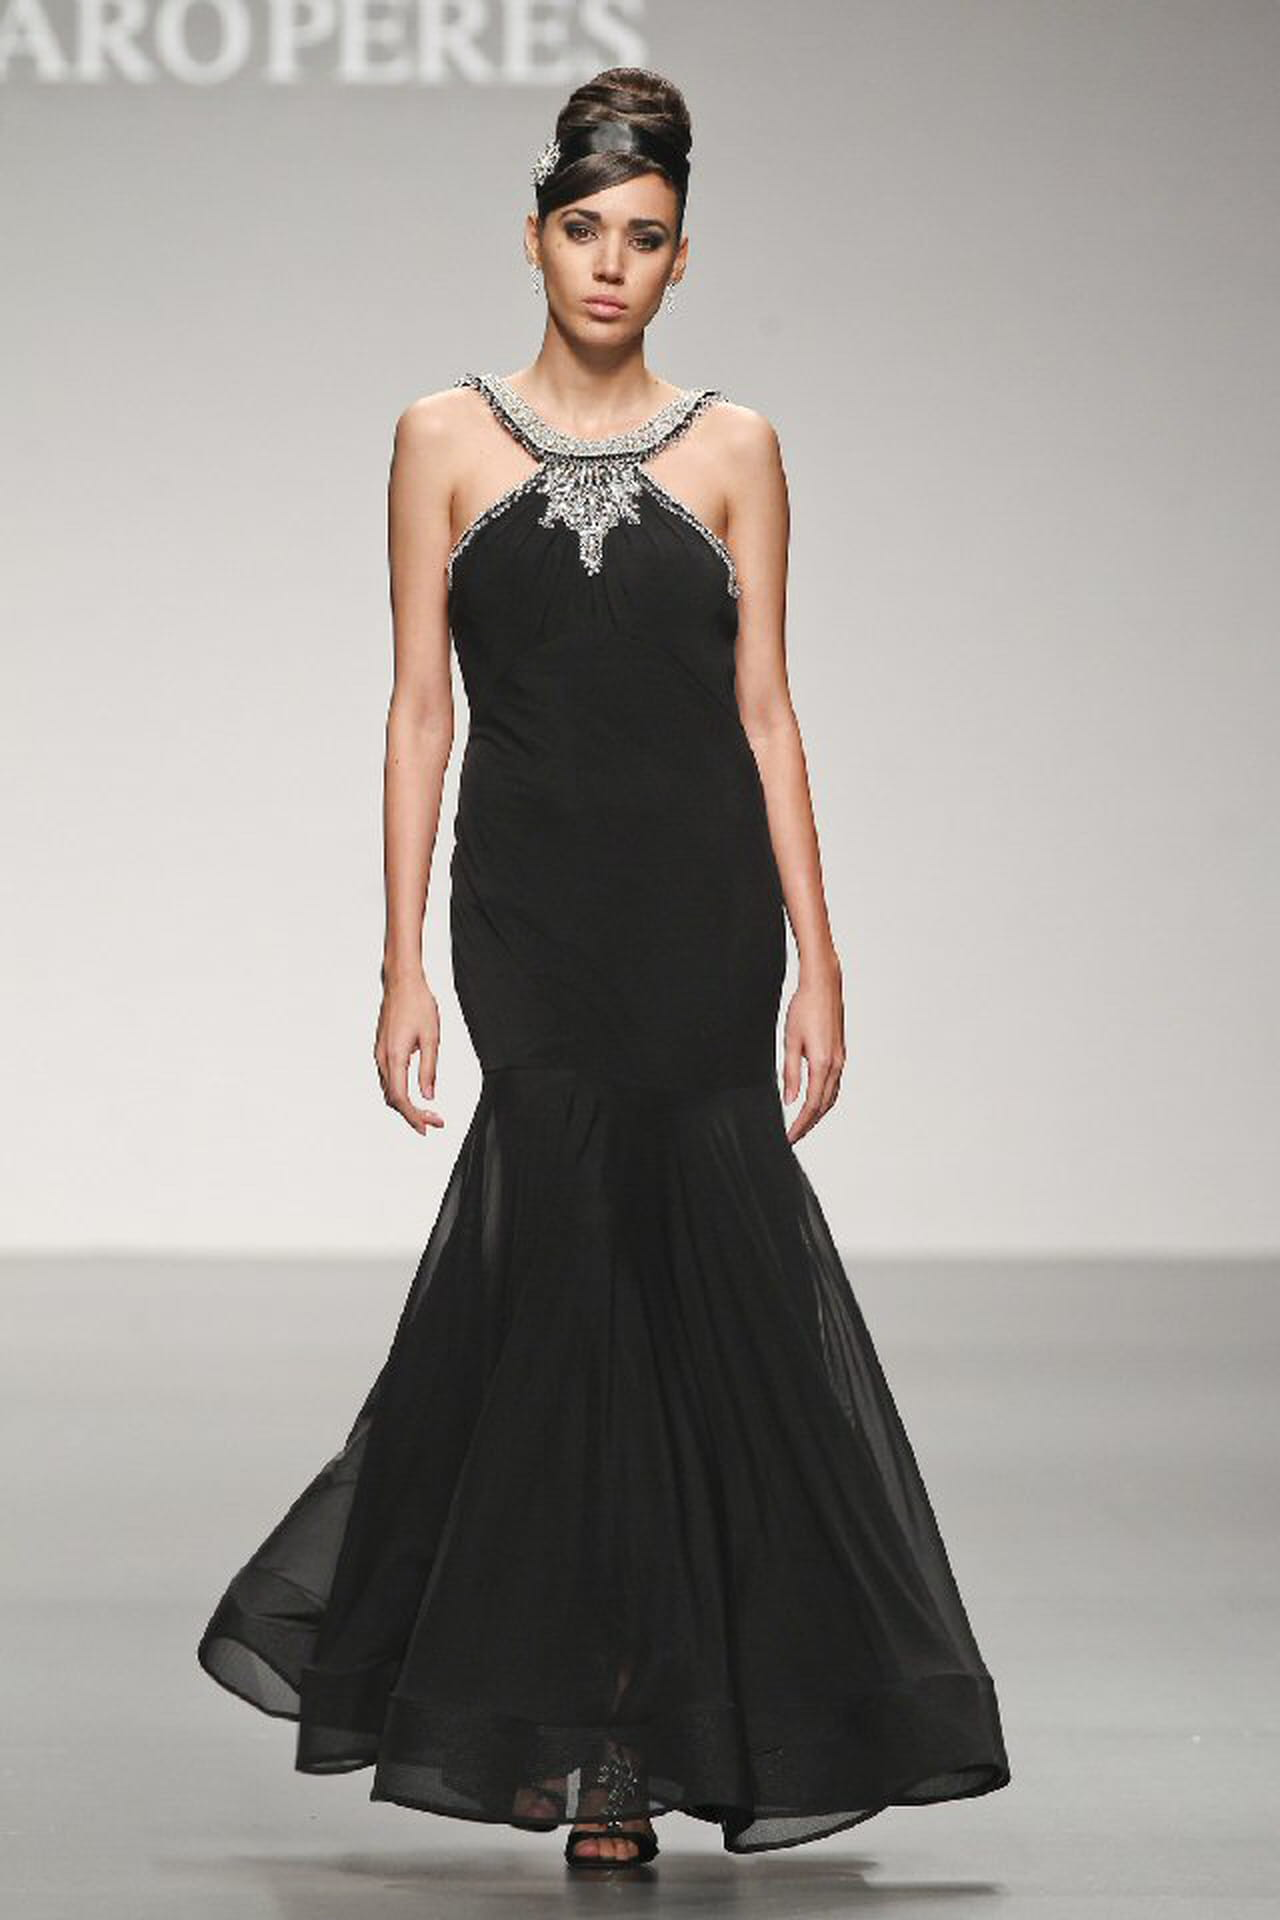 Matrimonio Abito Uomo Galateo : Abito nero al matrimonio di sera i vestiti sono popolari